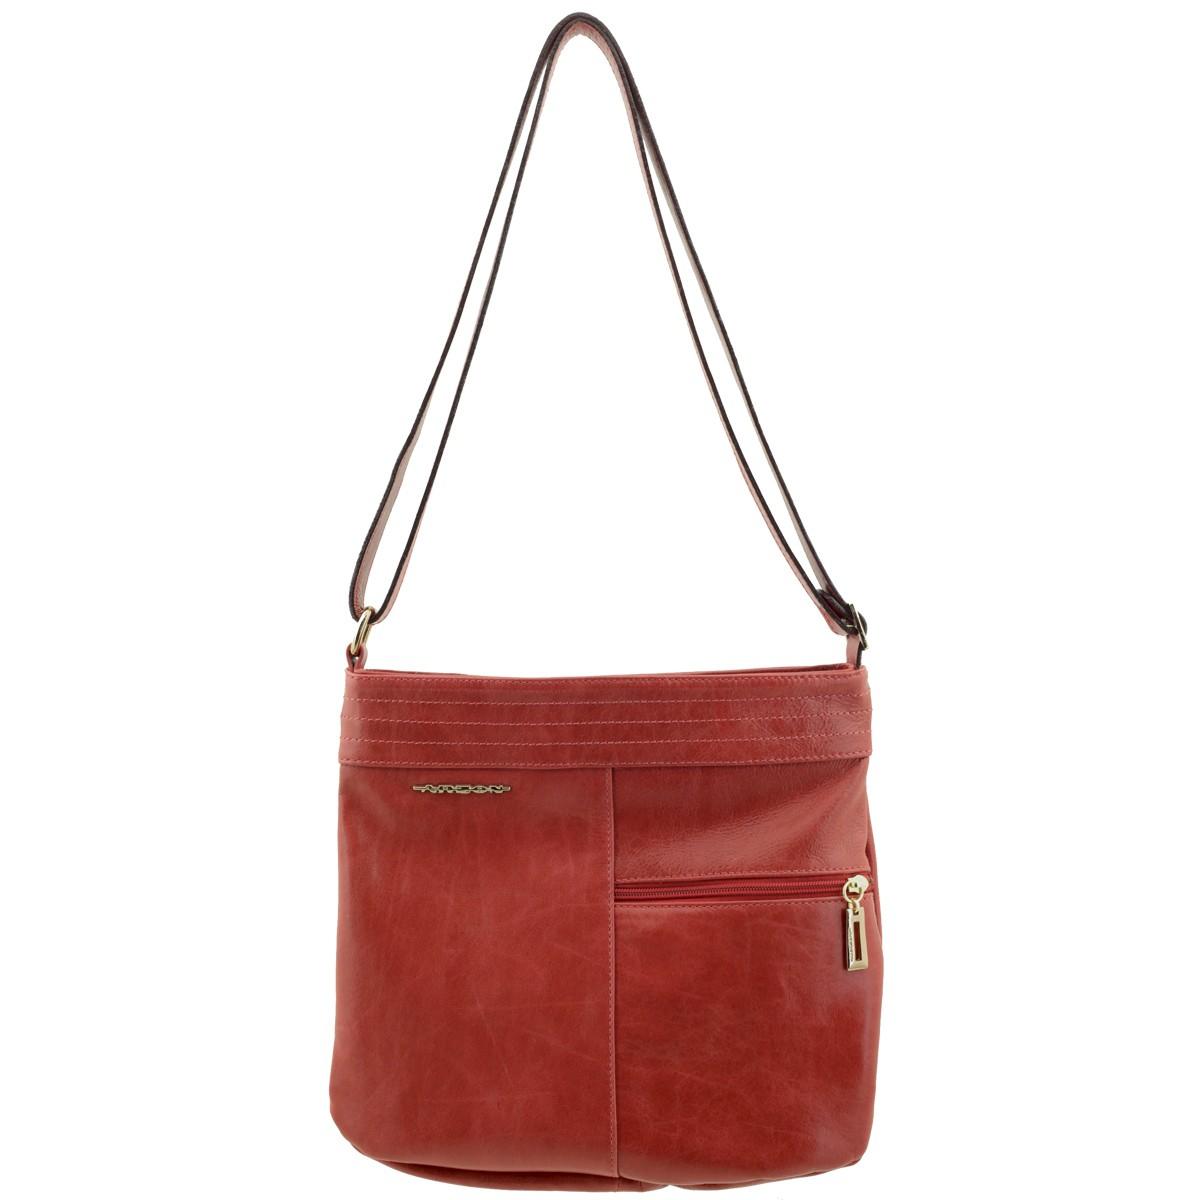 Bolsa De Couro Legitimo Vermelha : Bolsa tiracolo de couro vermelha